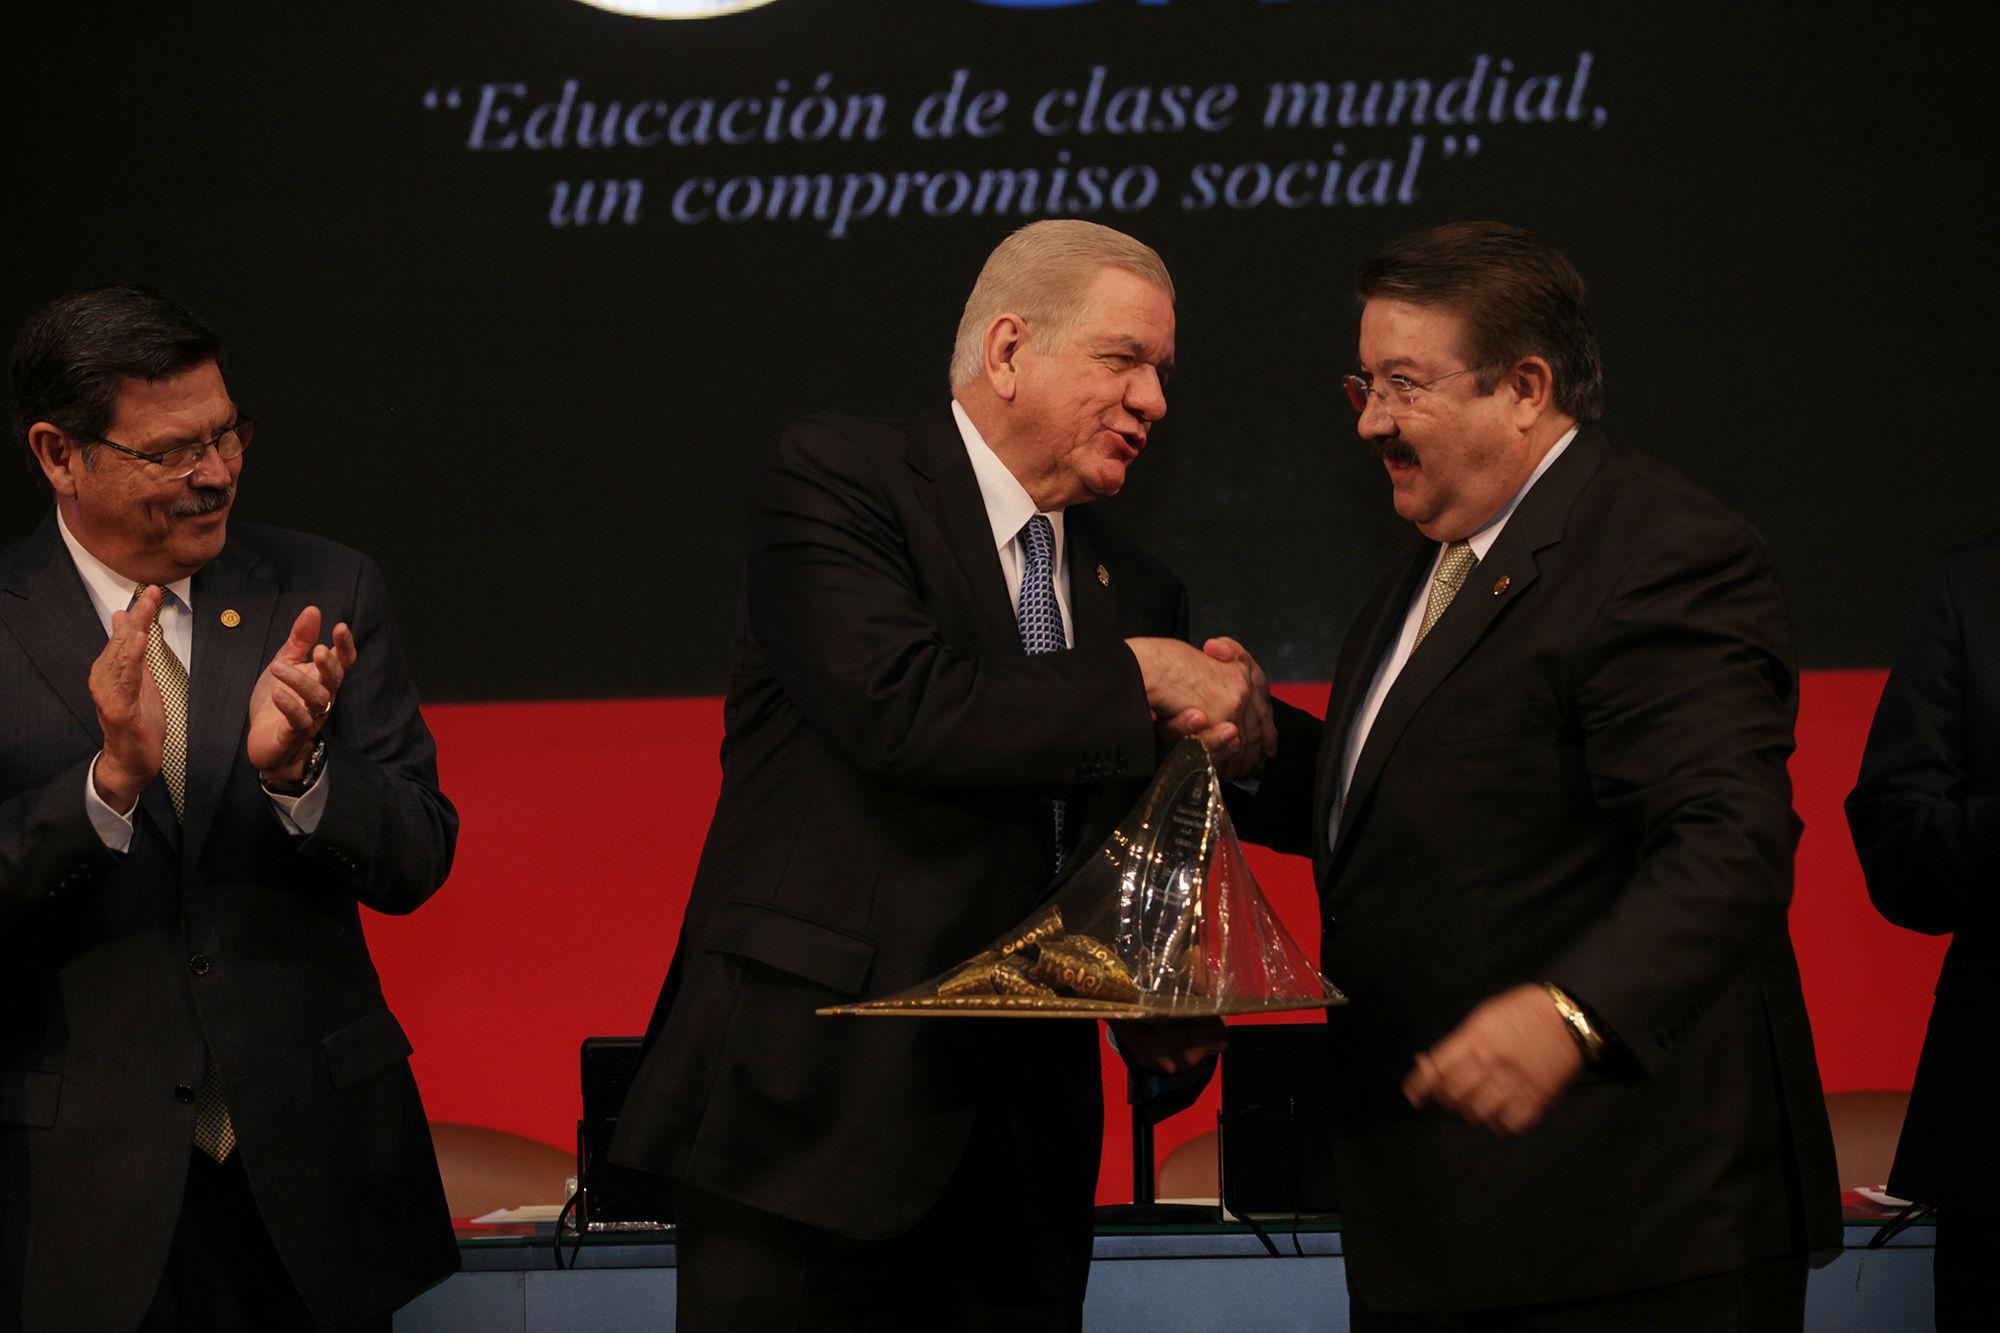 El Sindicato de Trabajadores de la UANL también entregó un reconocimiento al Dr. Jesús Ancer Rodríguez